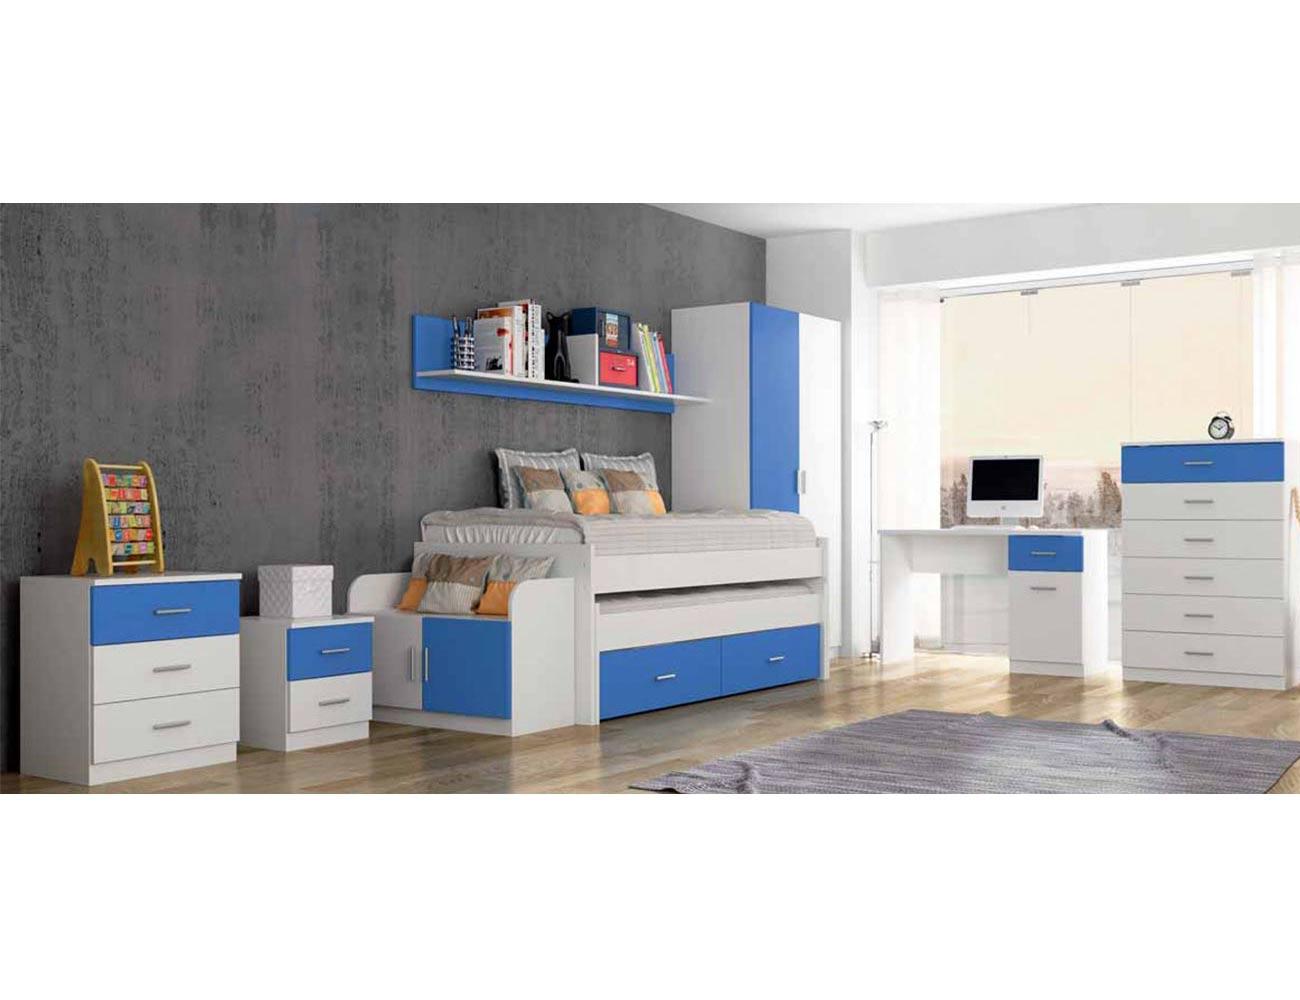 Mueble sinfonier dormitorio juvenil con 6 cajones factory del mueble utrera - Muebles utrera ...